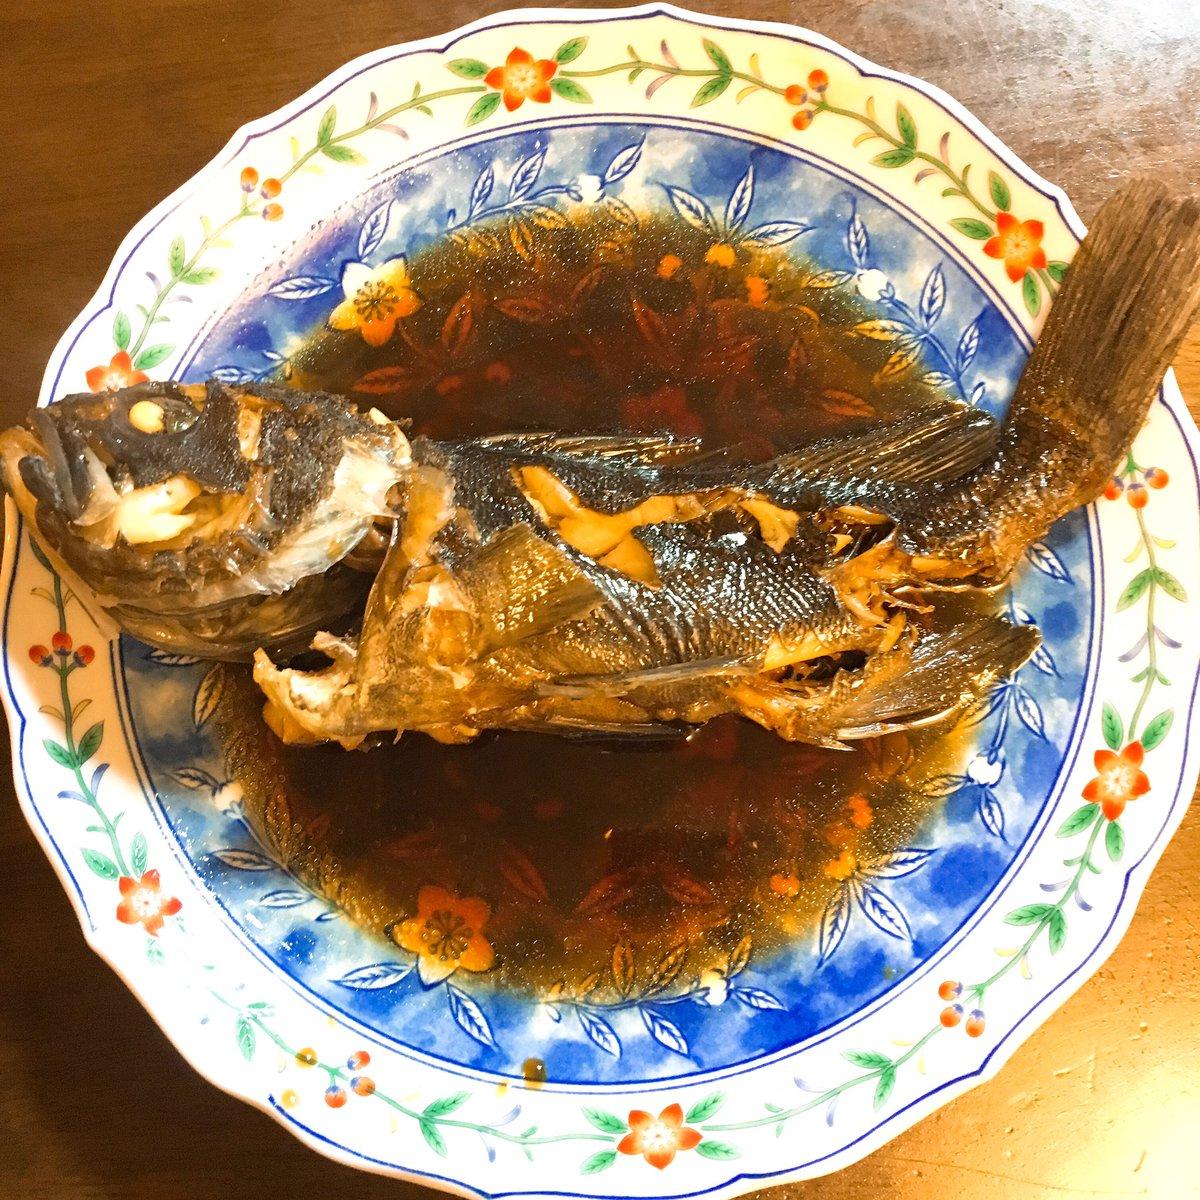 クロソイの煮付け こんなに美味しいとは思わなかった。昨夜はもっと大きなのを 大鍋で煮付けた。皮がプルプルしてて、絶品でした。 この煮汁で焼き豆腐を炊いたら美味しいねんなぁ。 #中道あん #釣果 #クロソイ https://t.co/DmWrmenA2G